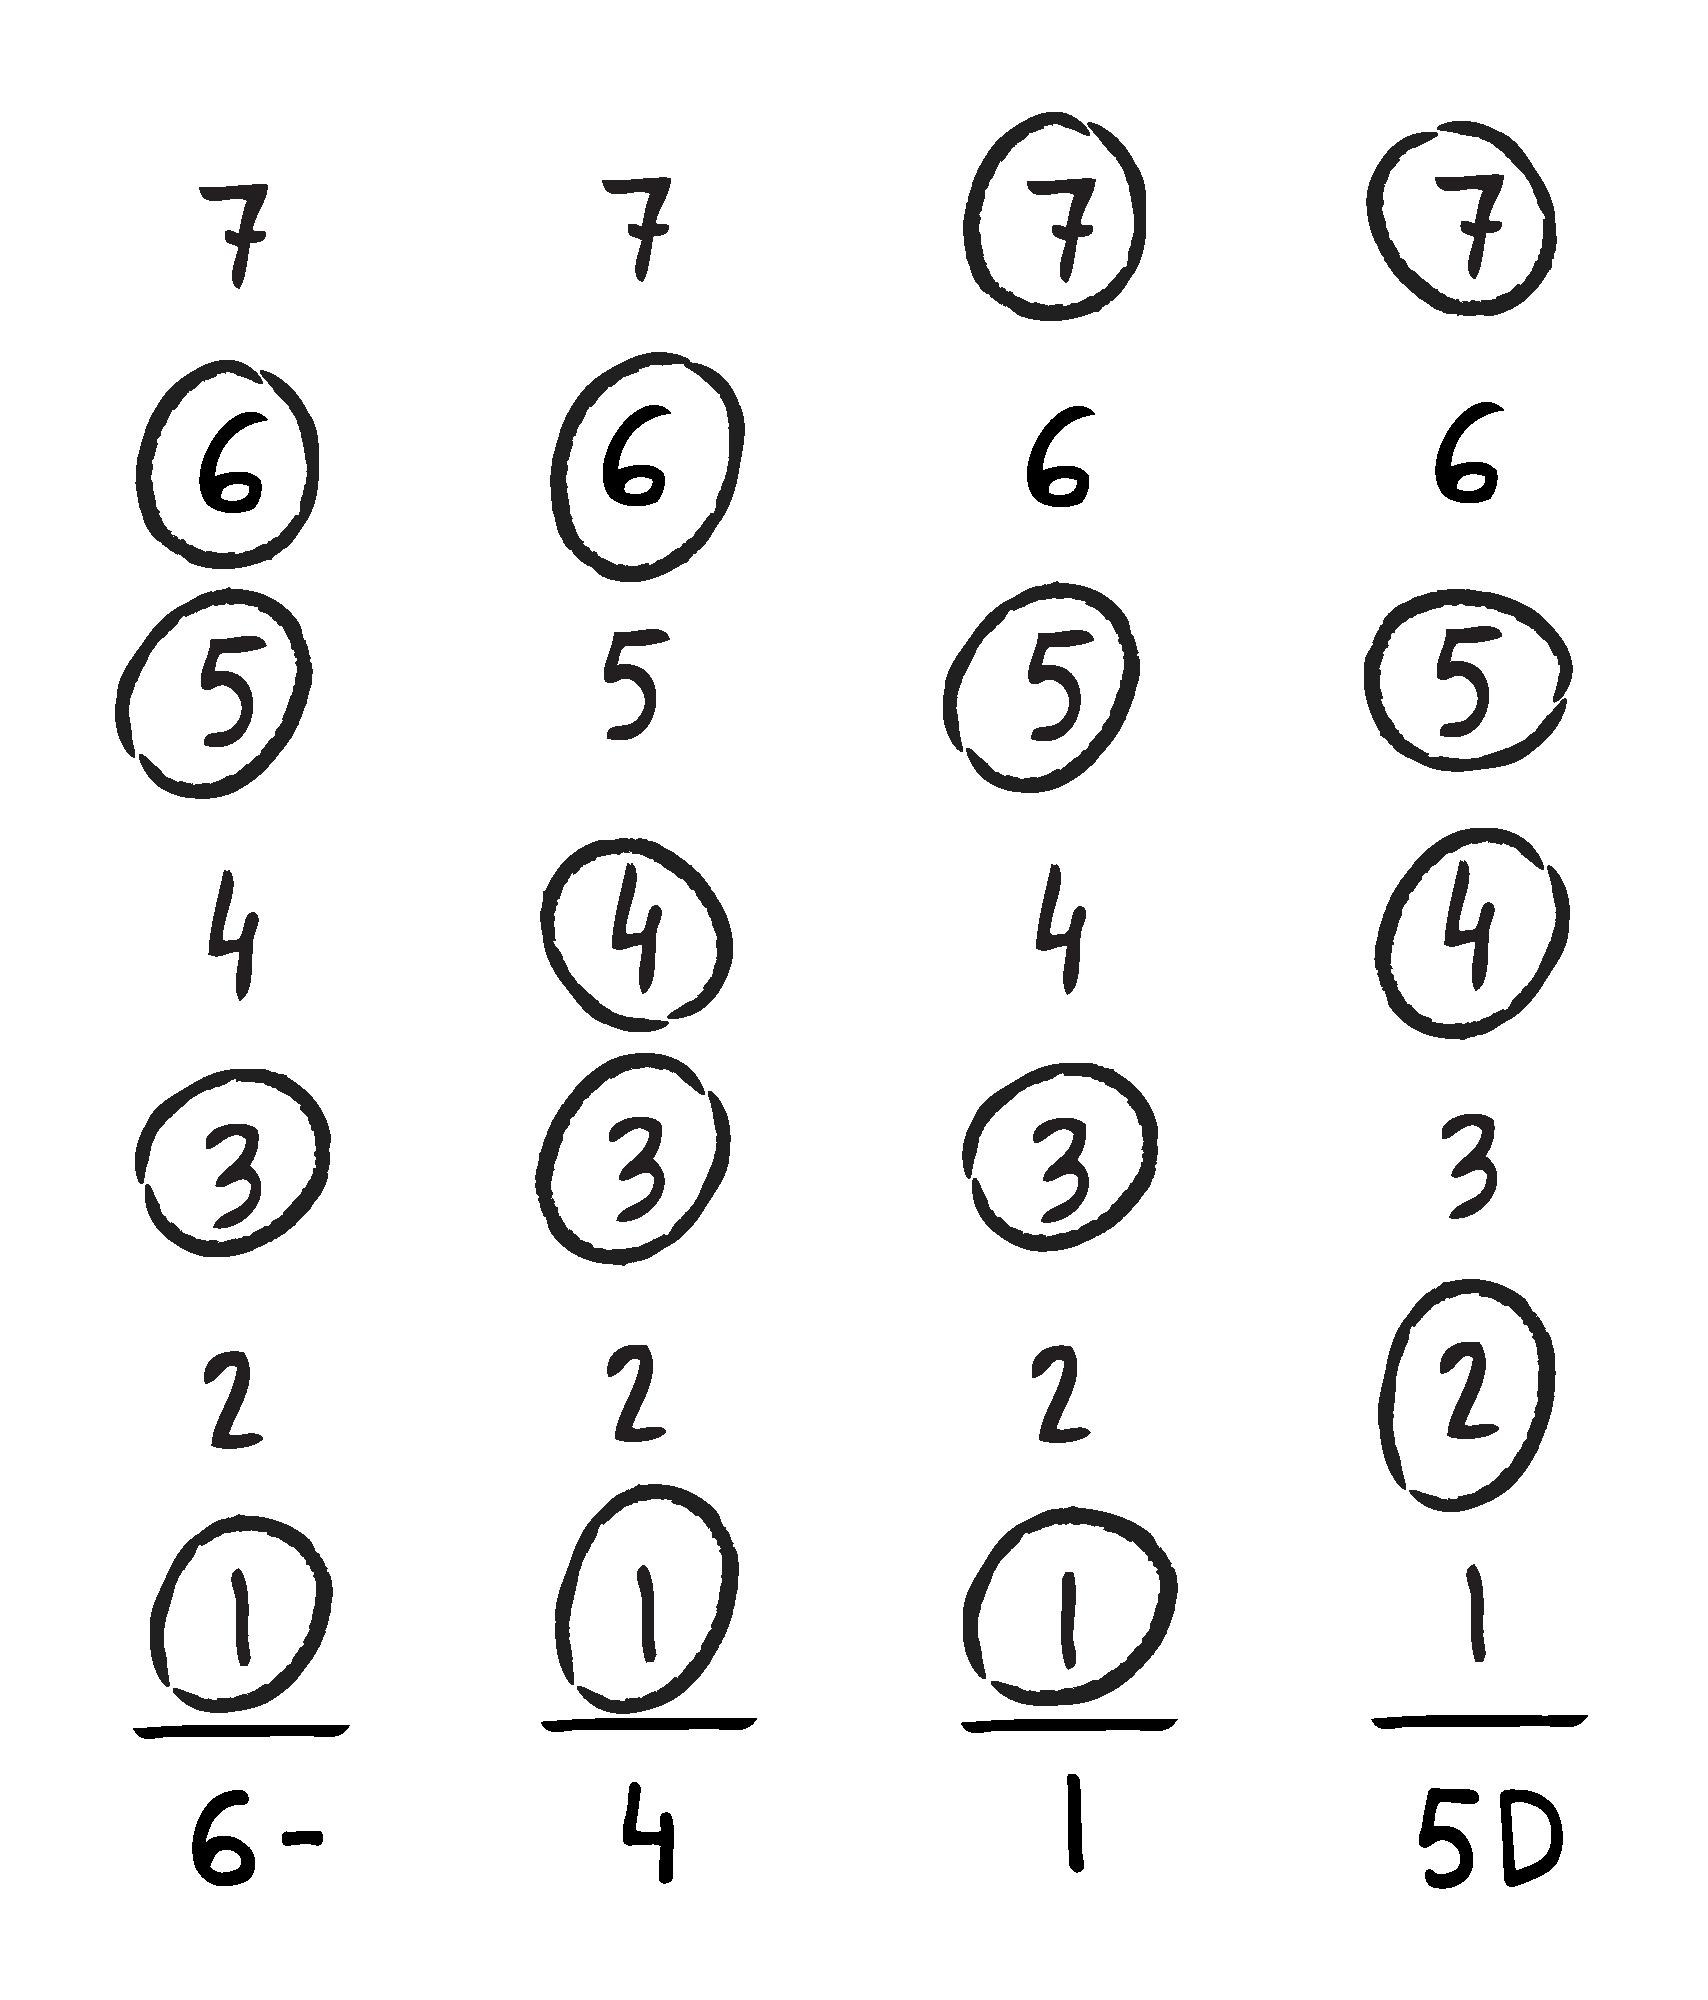 chord columns, chords 6-, 4, 1, 5D